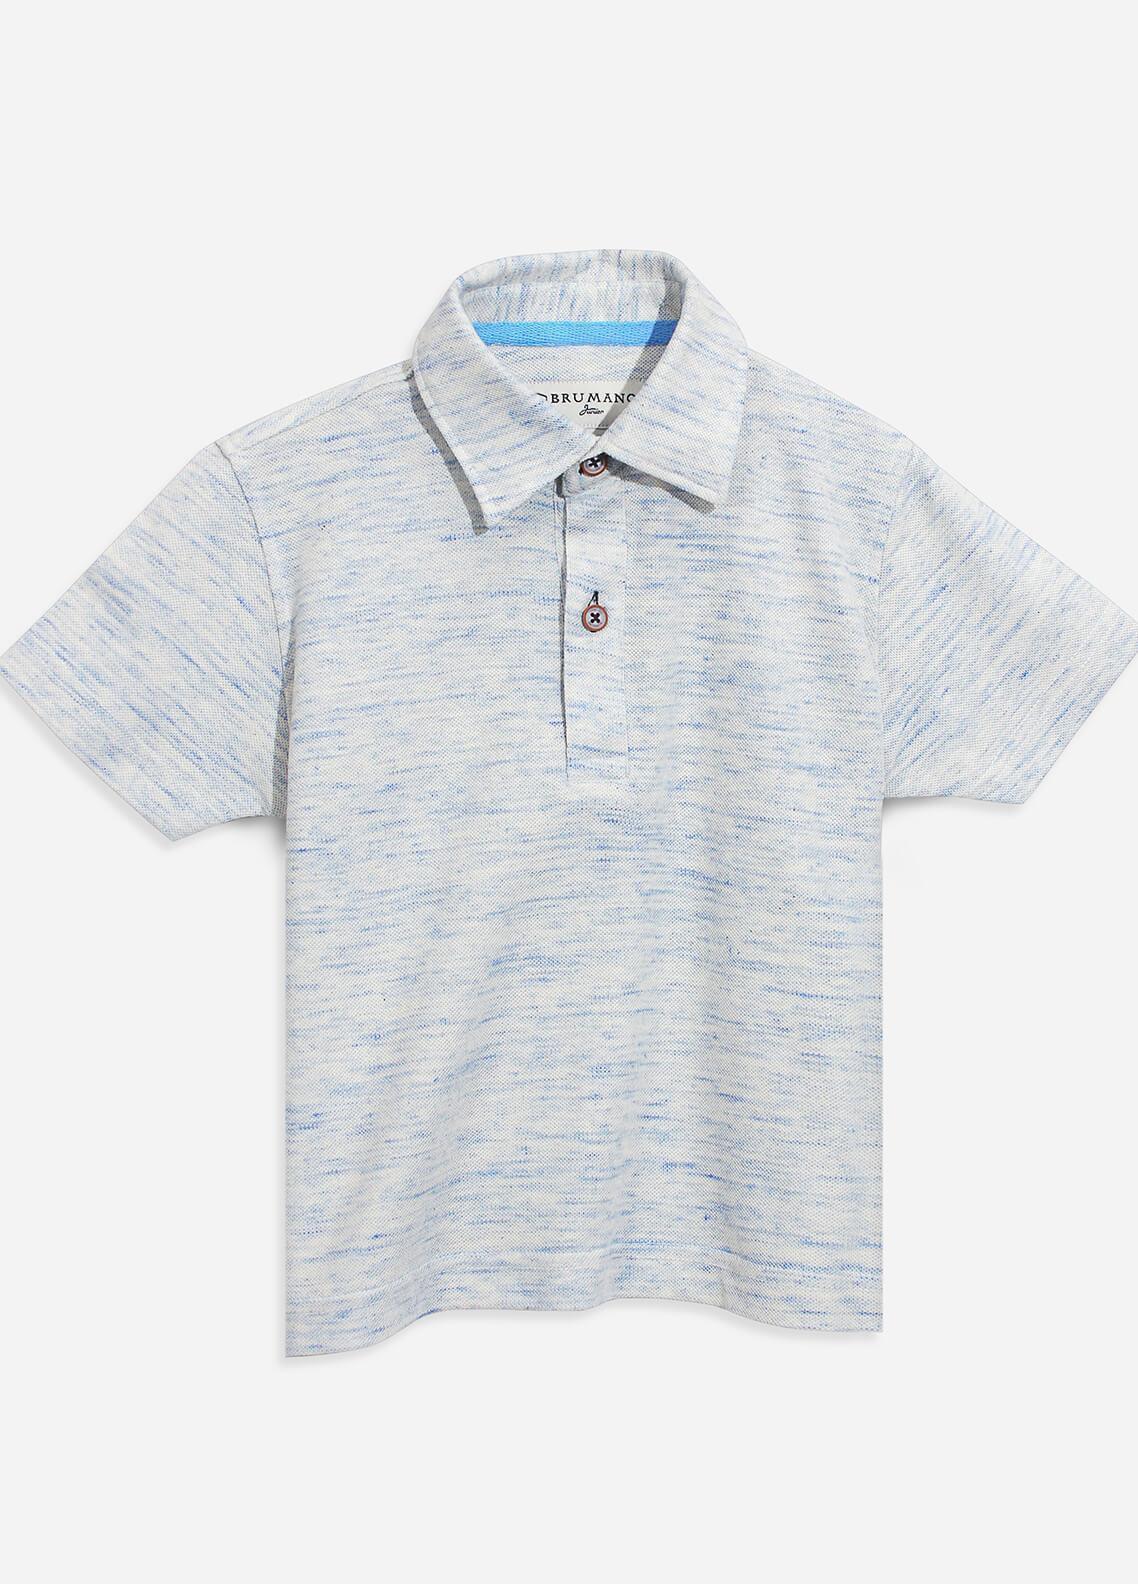 Brumano Cotton Polo Shirts for Boys - Grey BRM-101